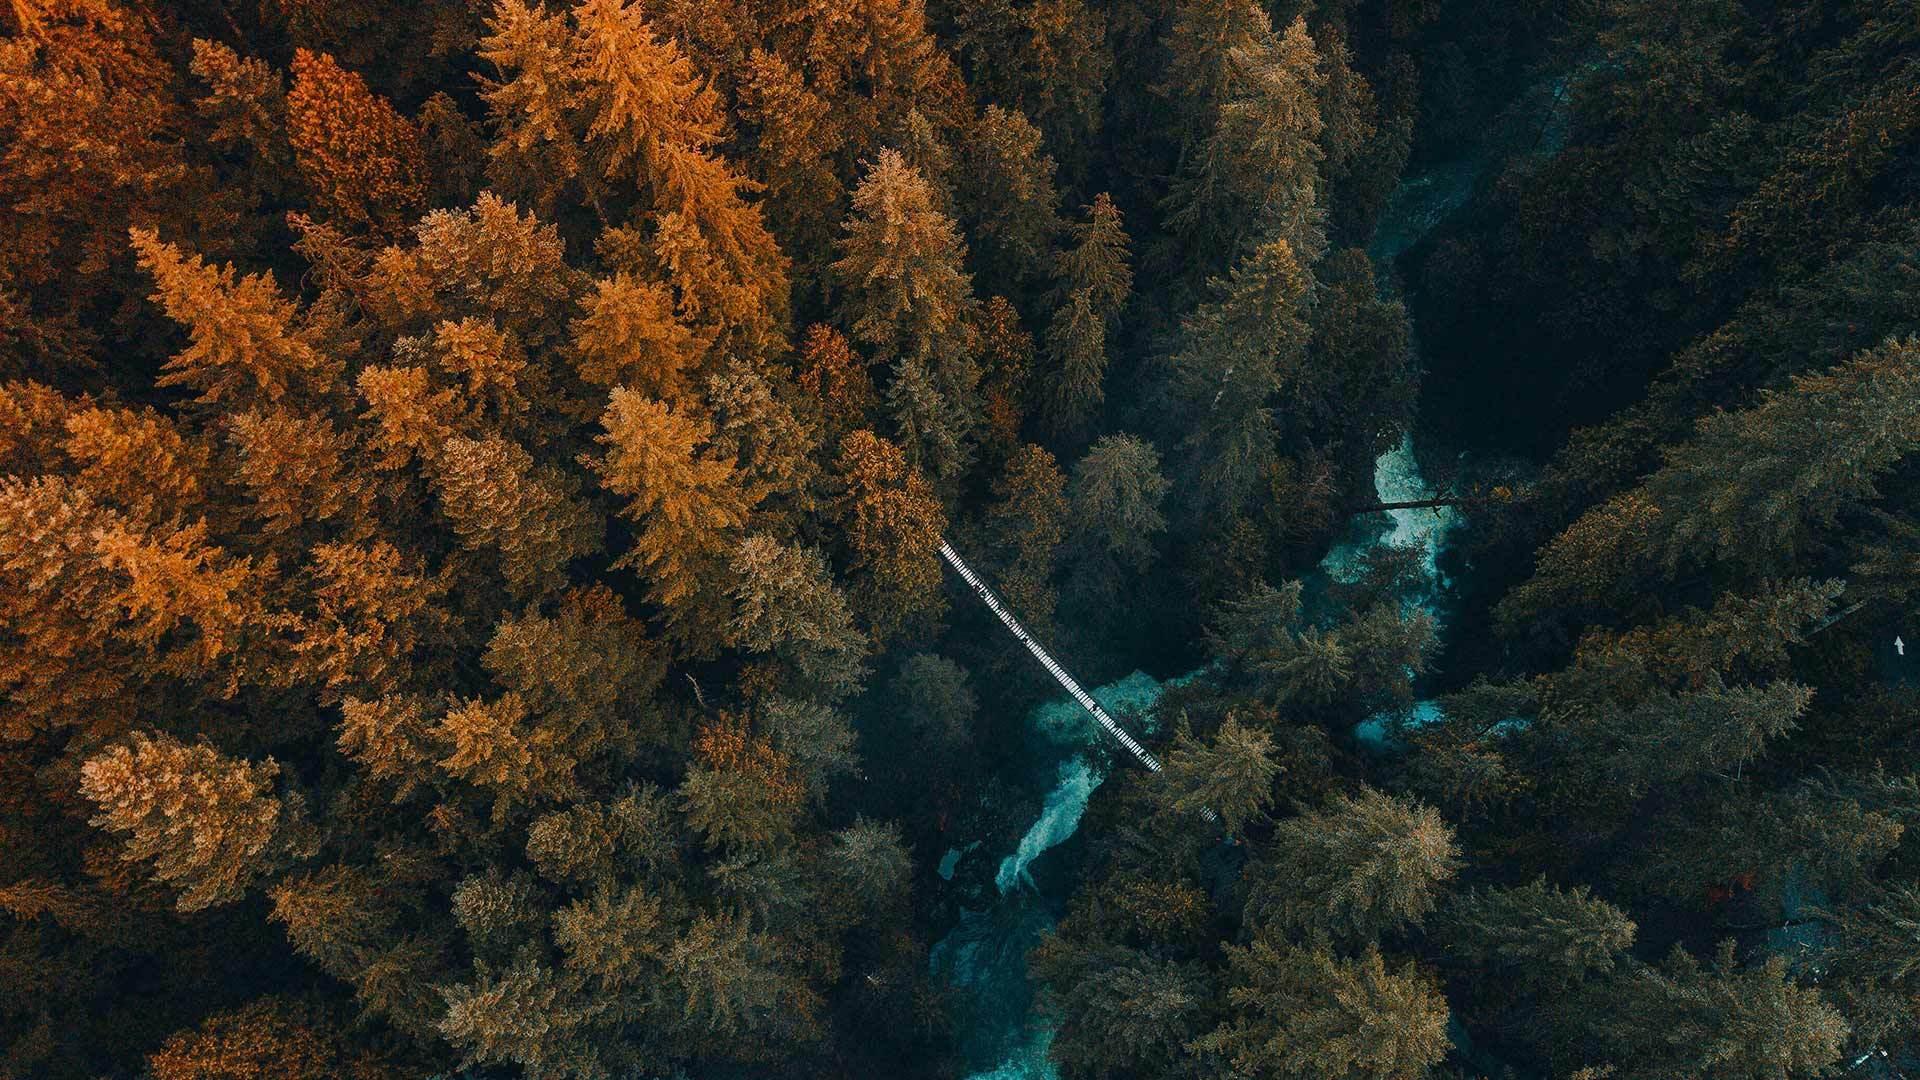 鸟瞰生长在森林中的树木